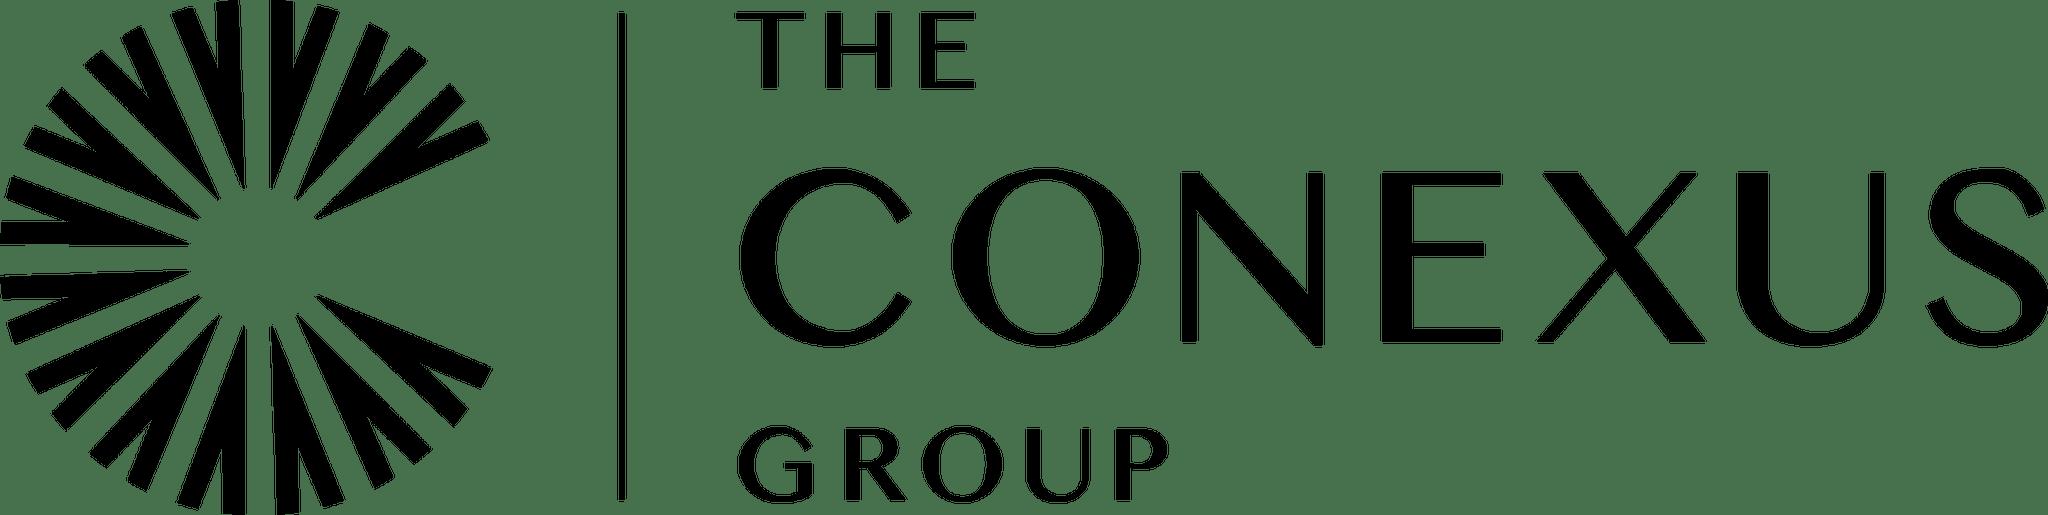 The Conexus Group.